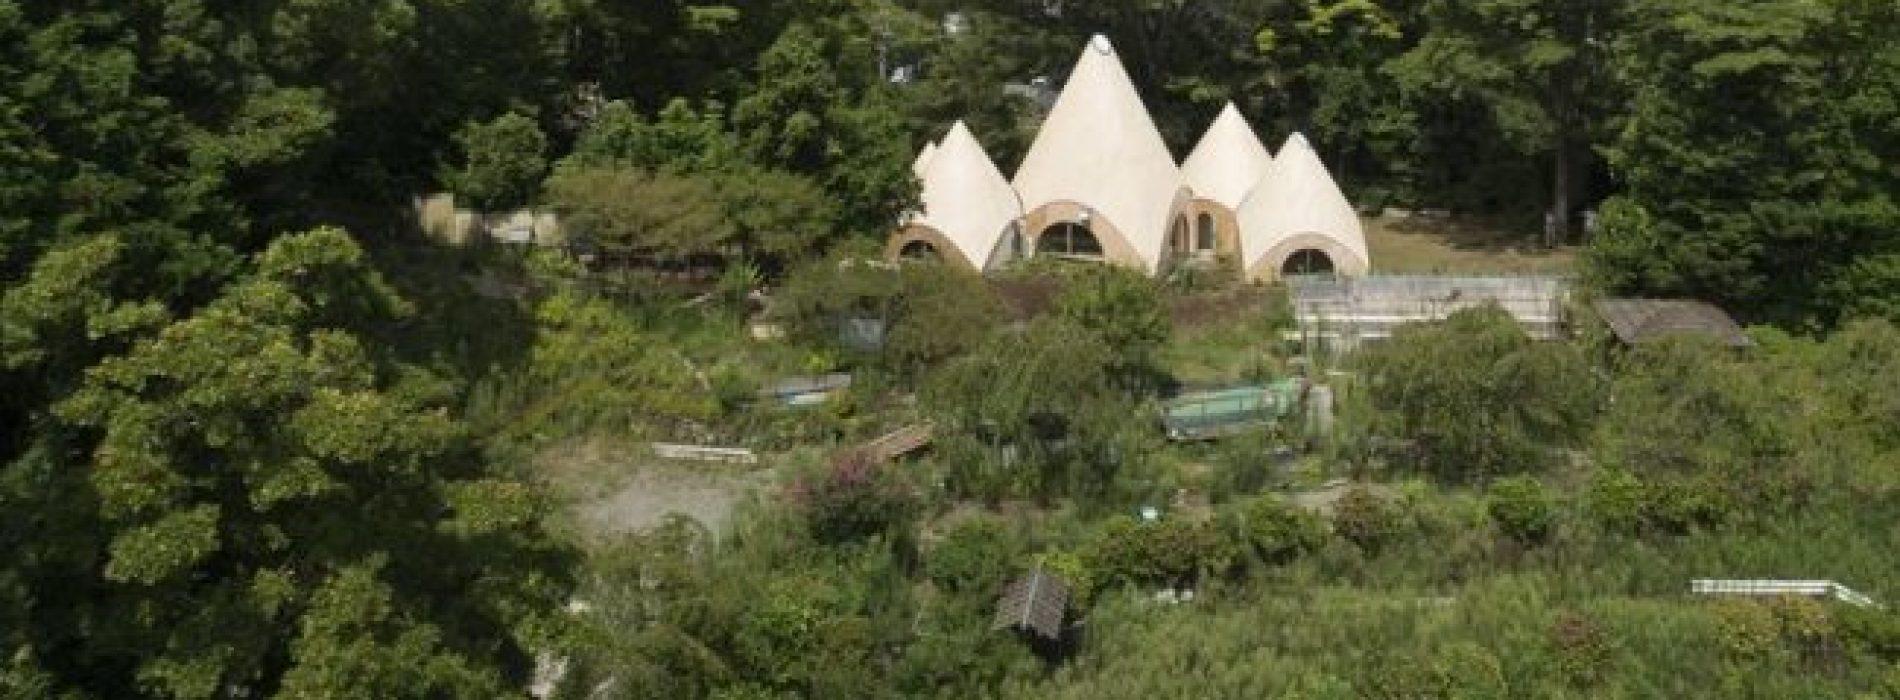 Dit Japanse boshuis is als iets uit een sprookje